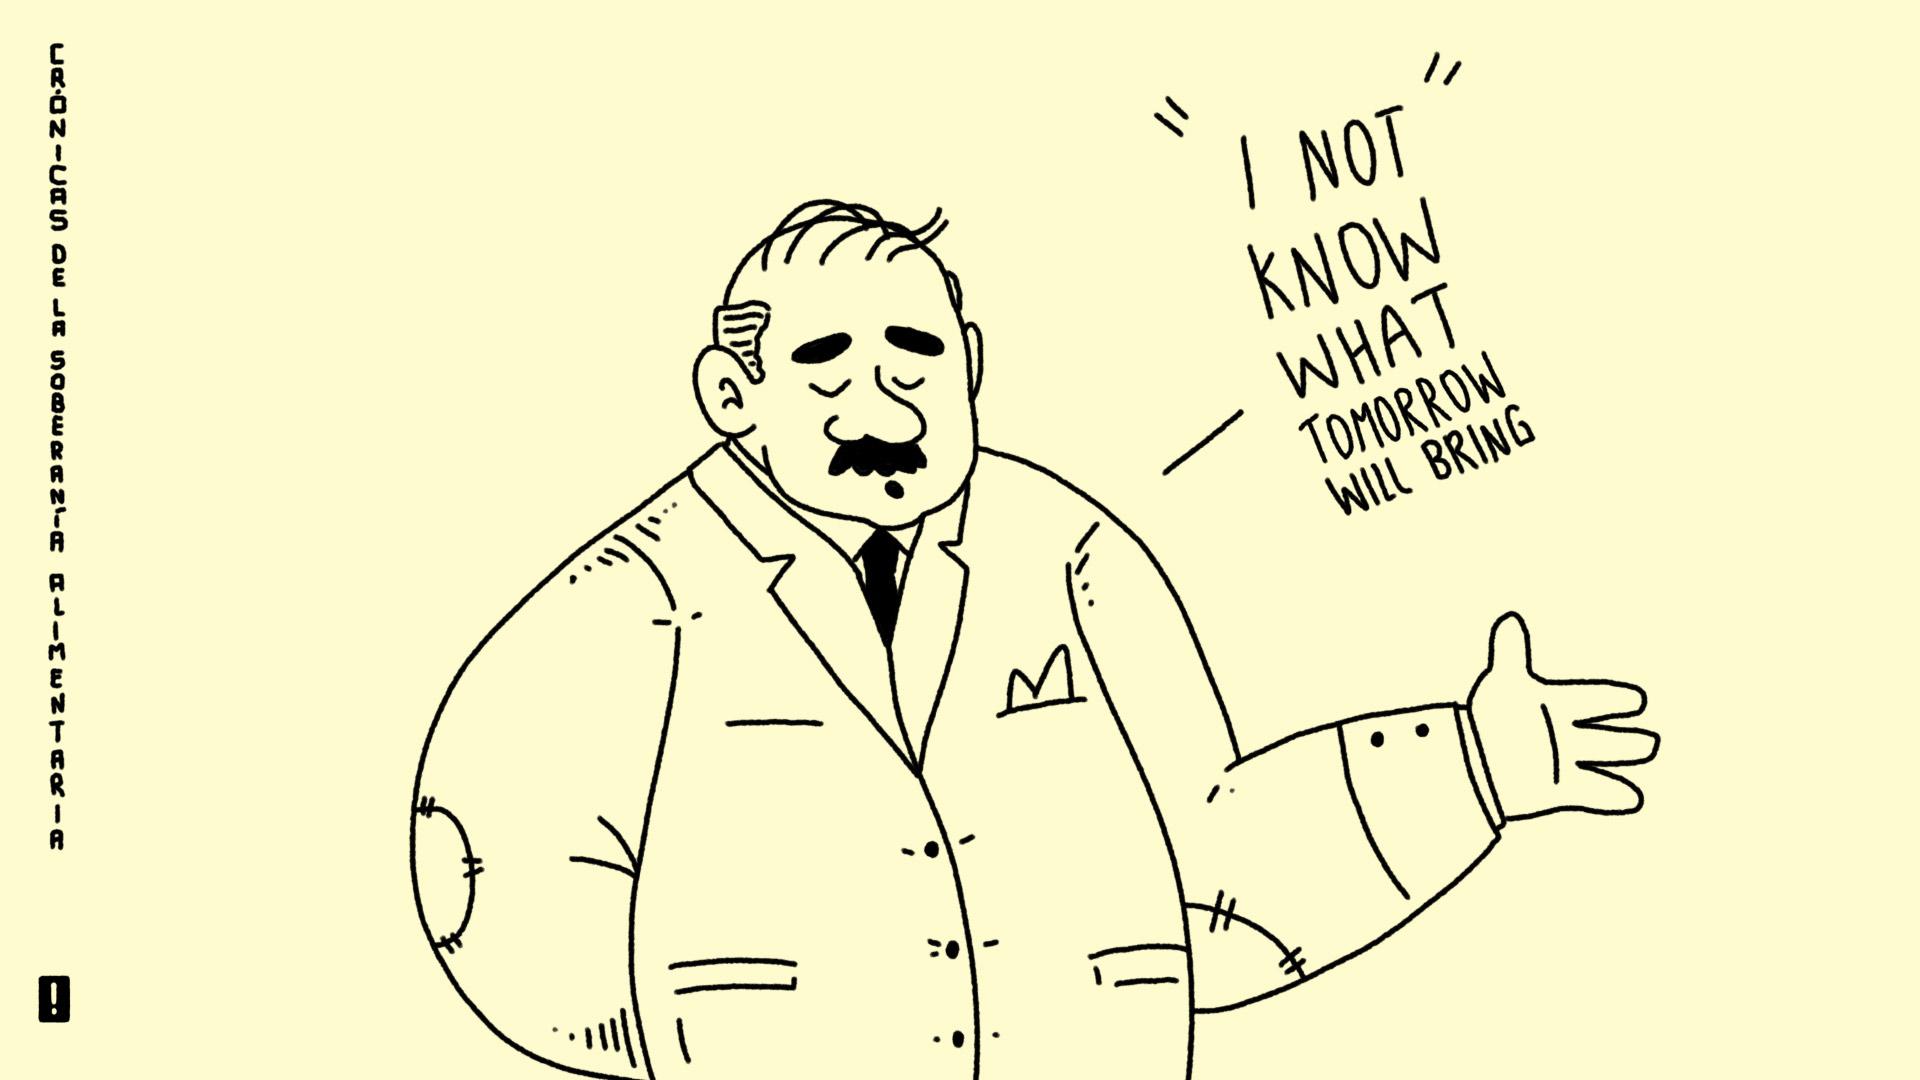 Entrevista (imaginada) a un congresista de bigote grasoso y sudado